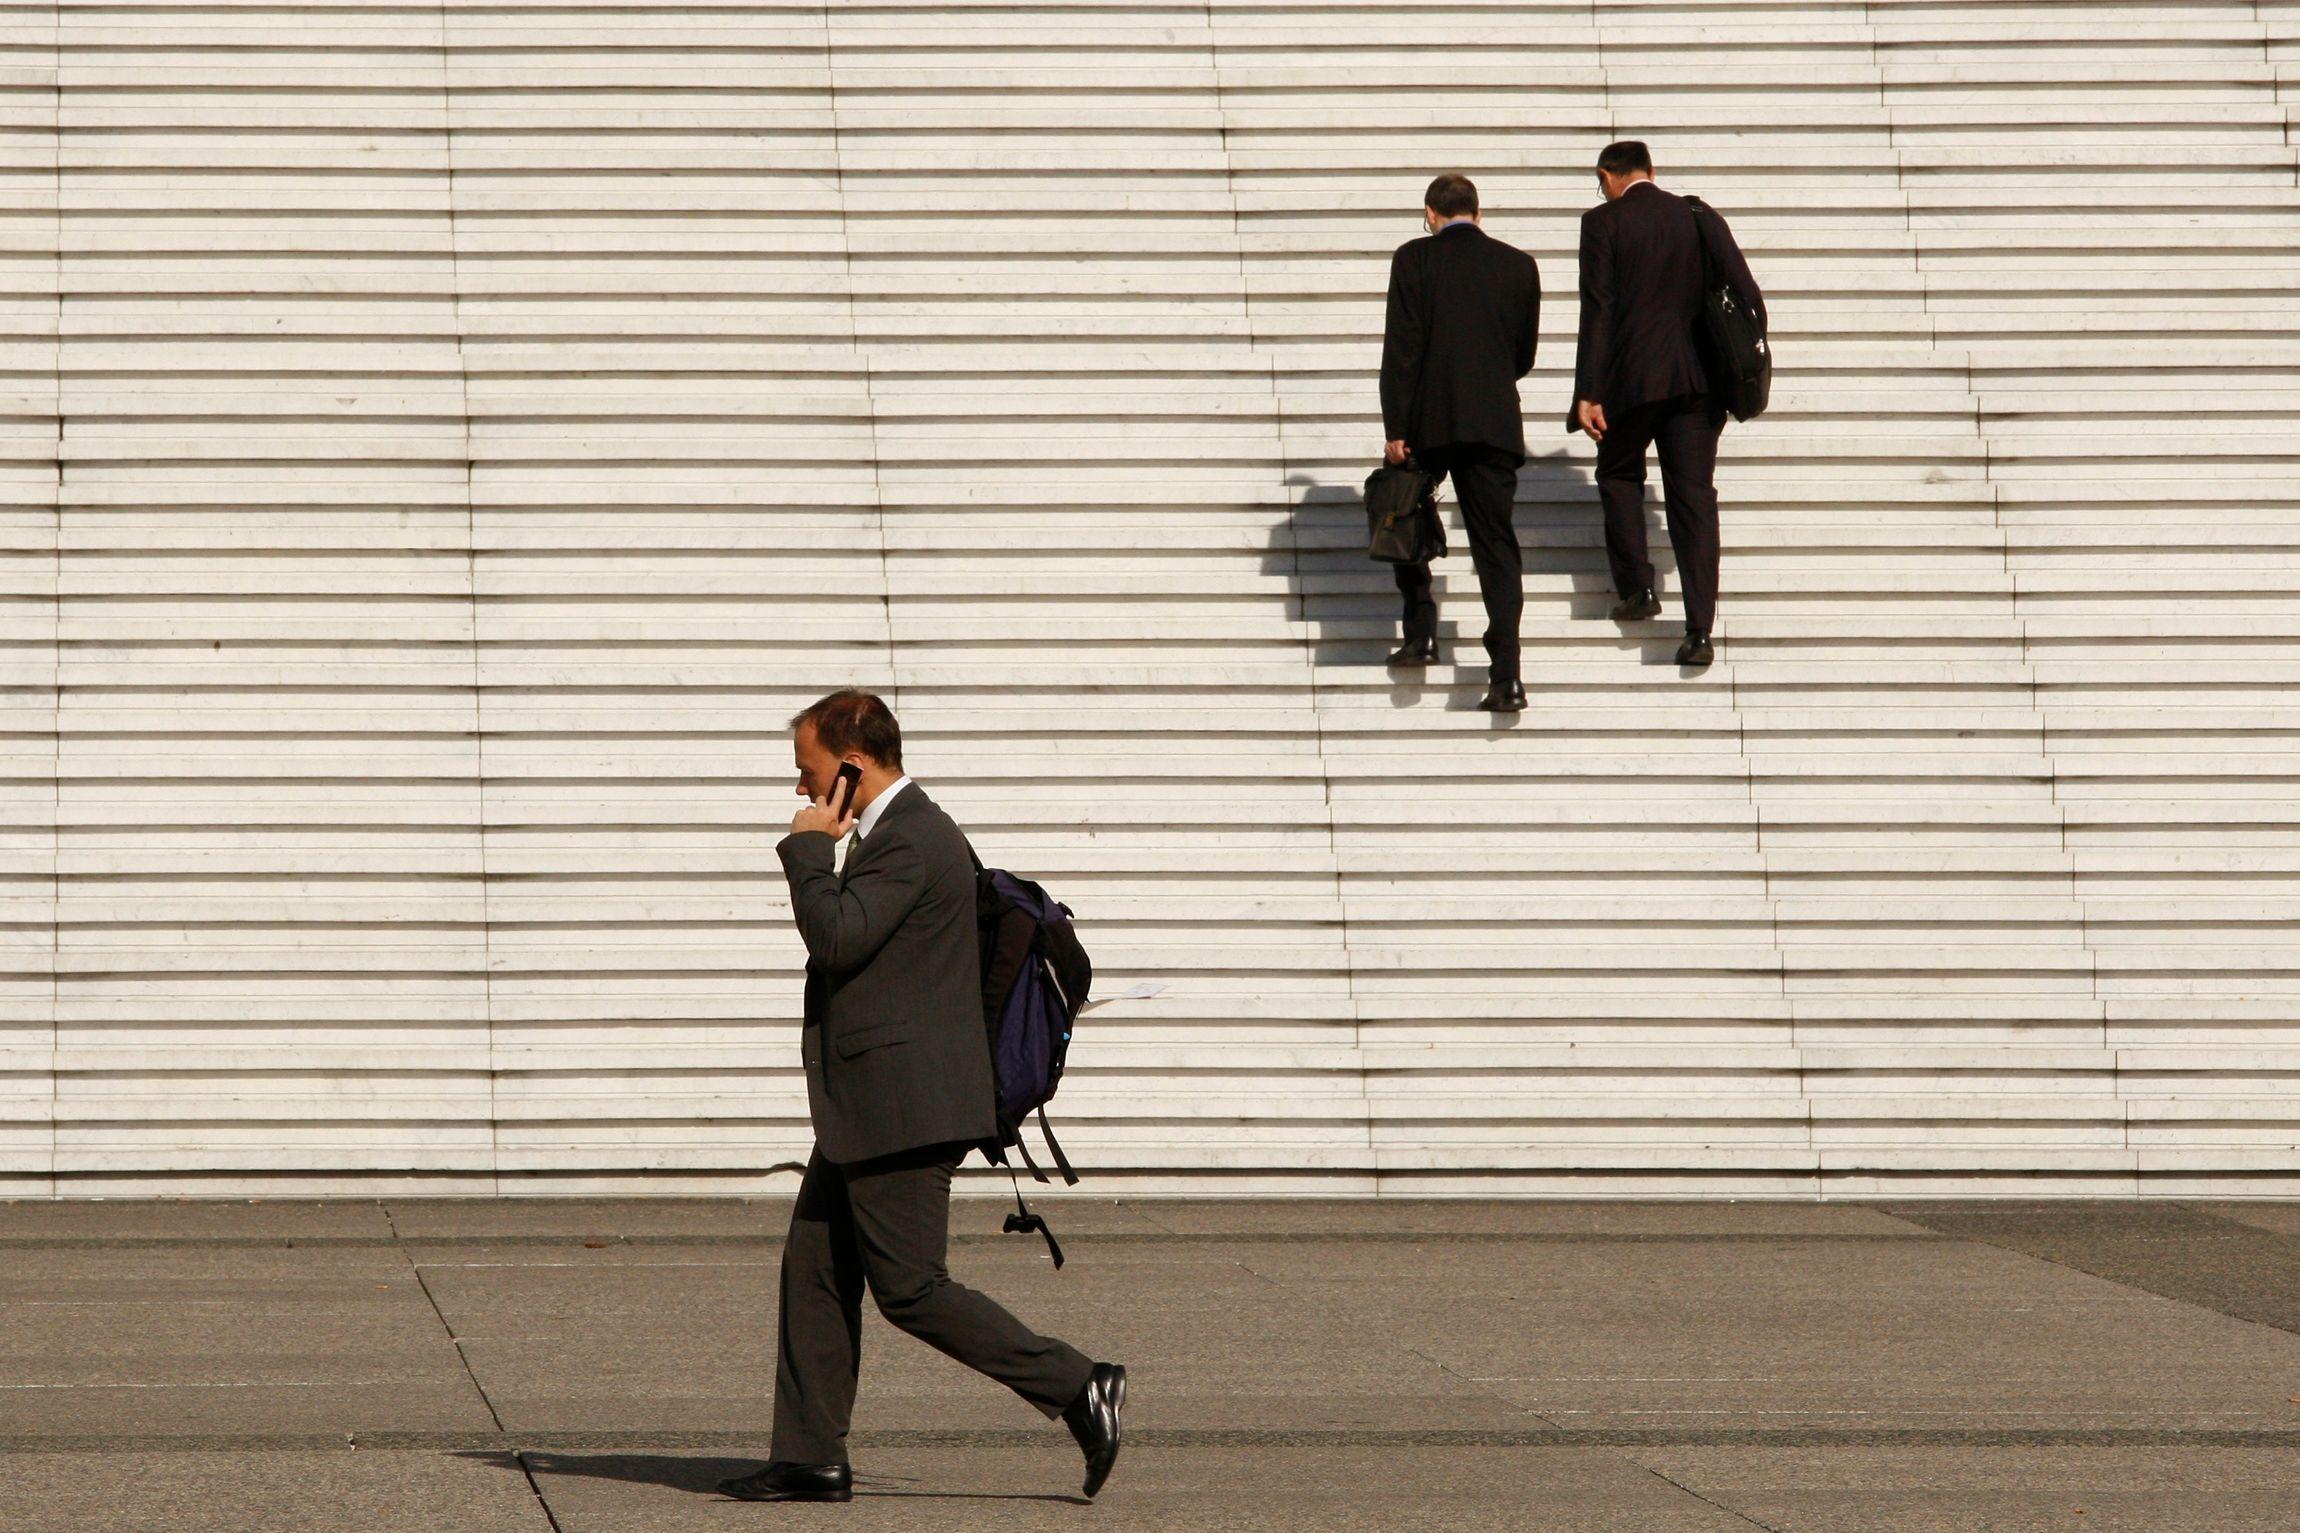 Sur les douze derniers mois, le nombre de créations d'entreprises a baissé de 3,2%.